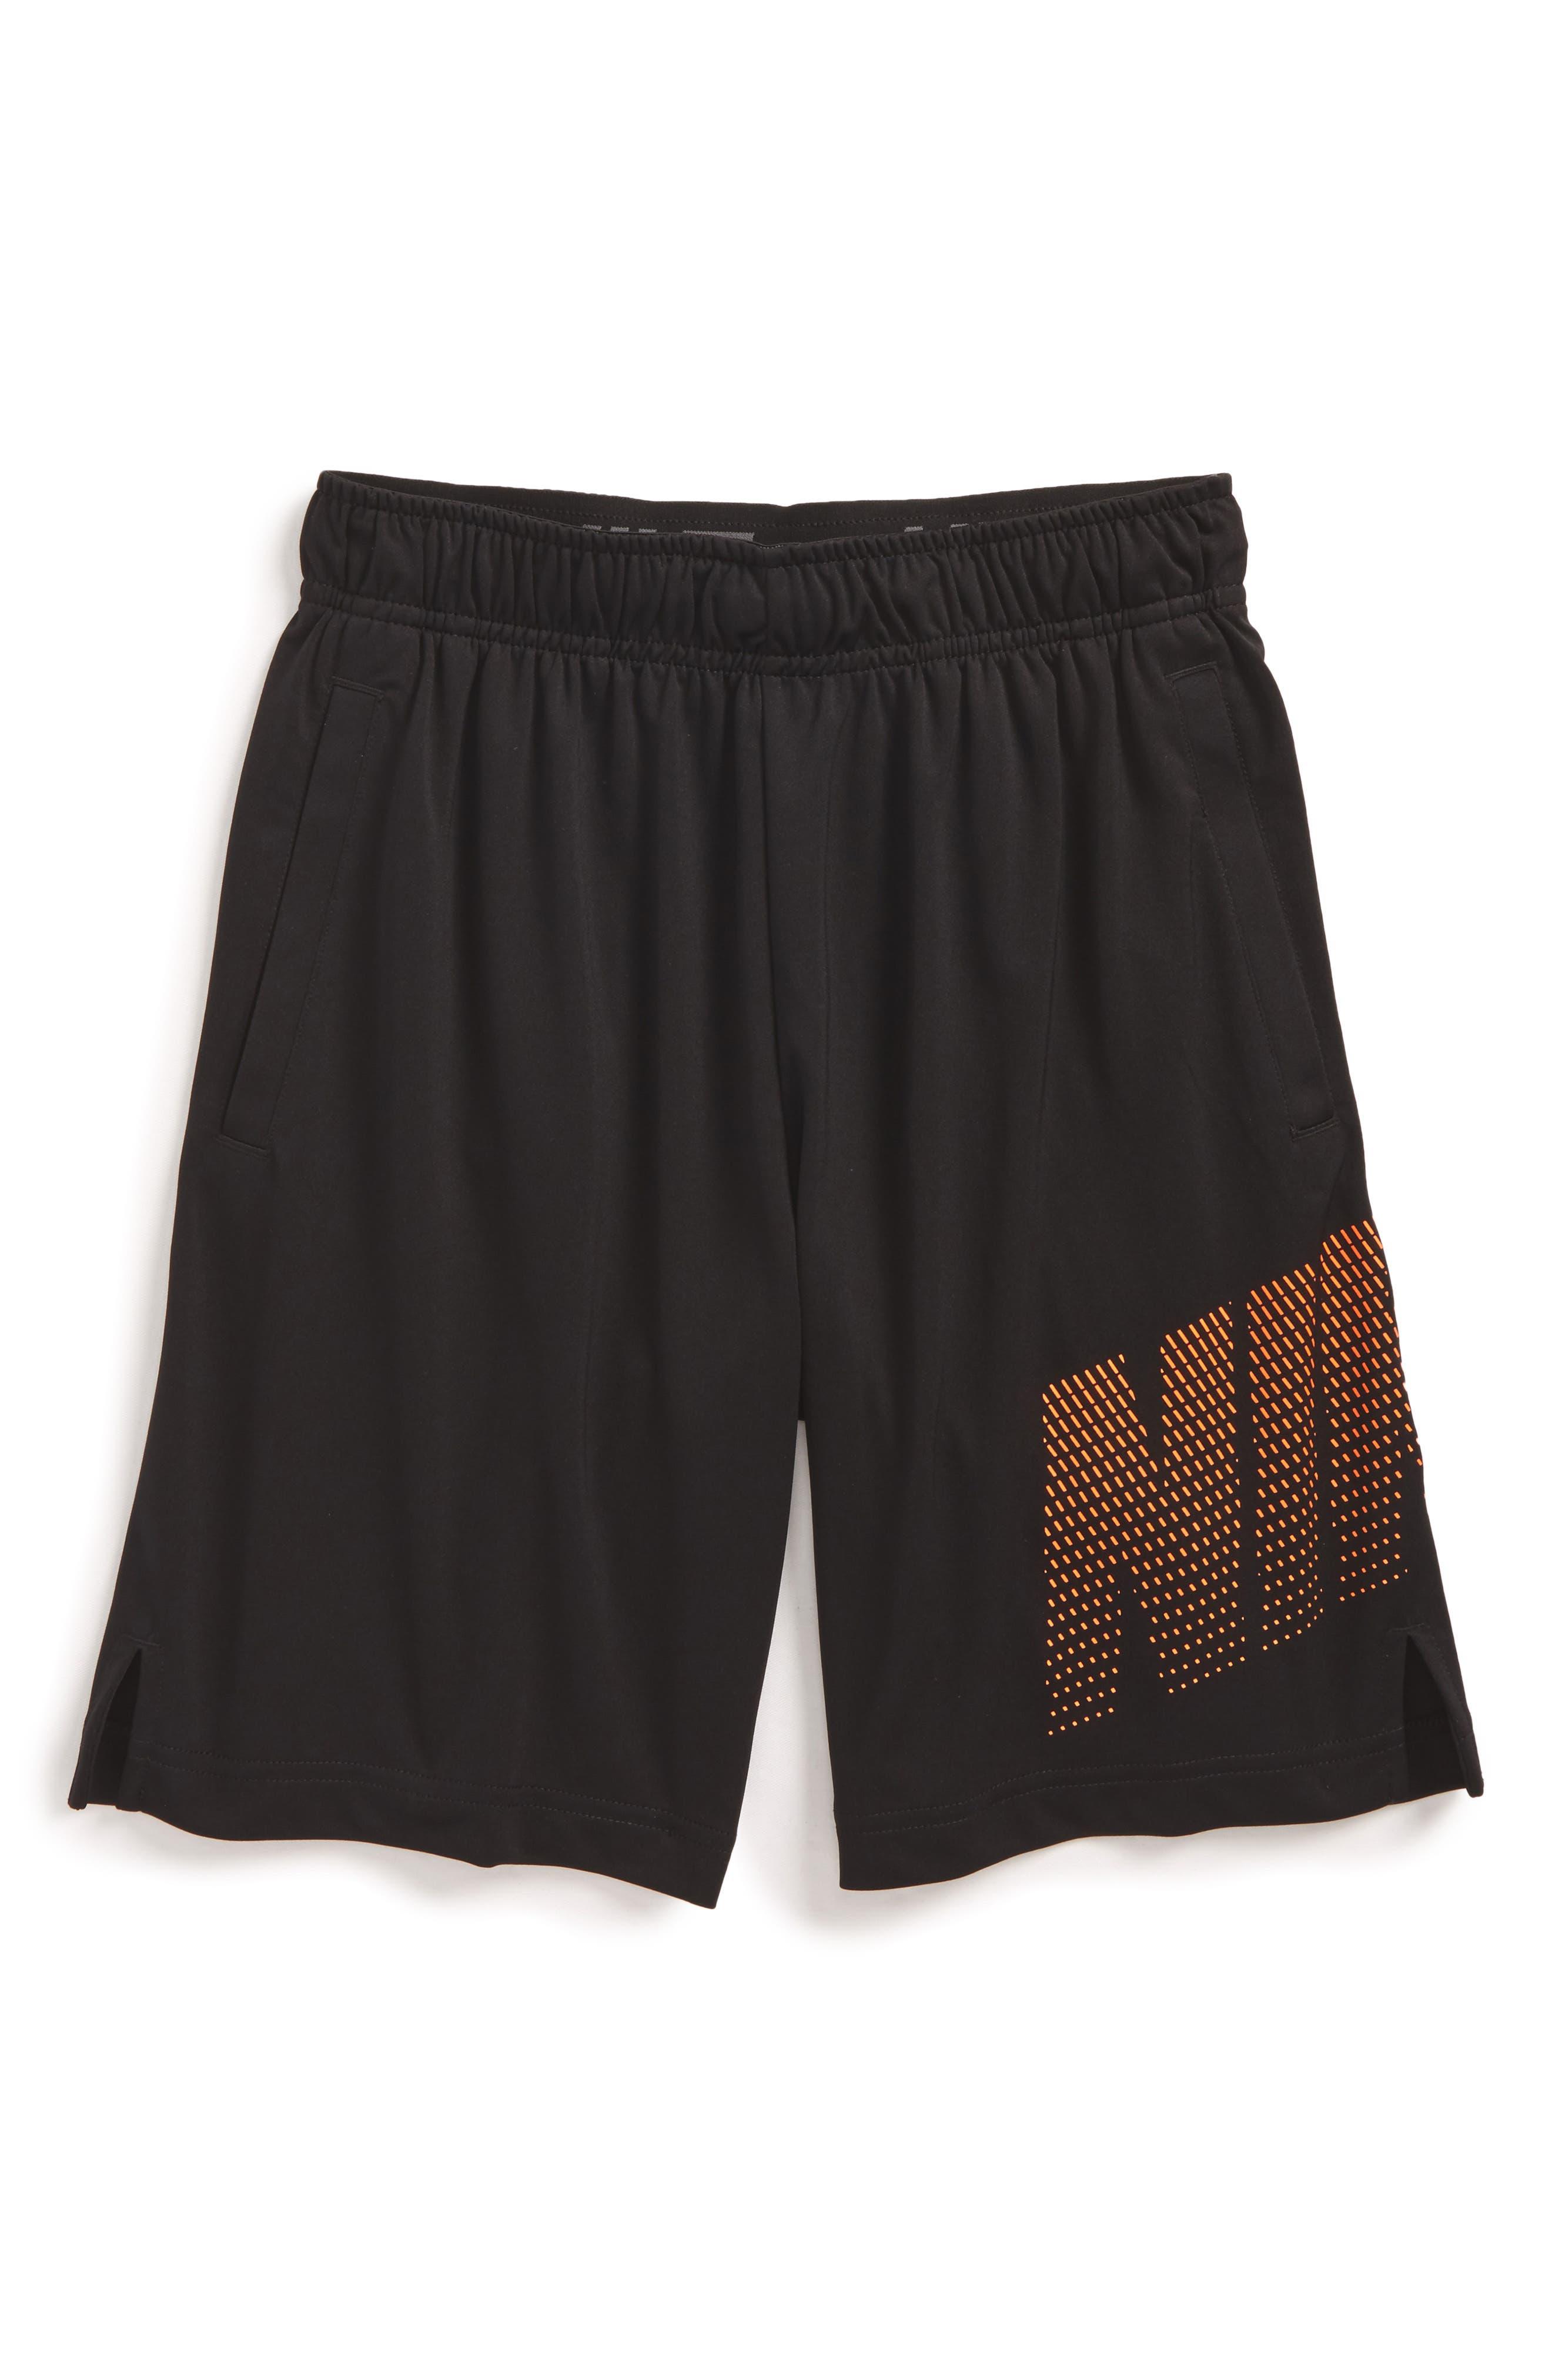 Alternate Image 1 Selected - Nike Dry Logo Graphic Training Shorts (Little Boys & Big Boys)